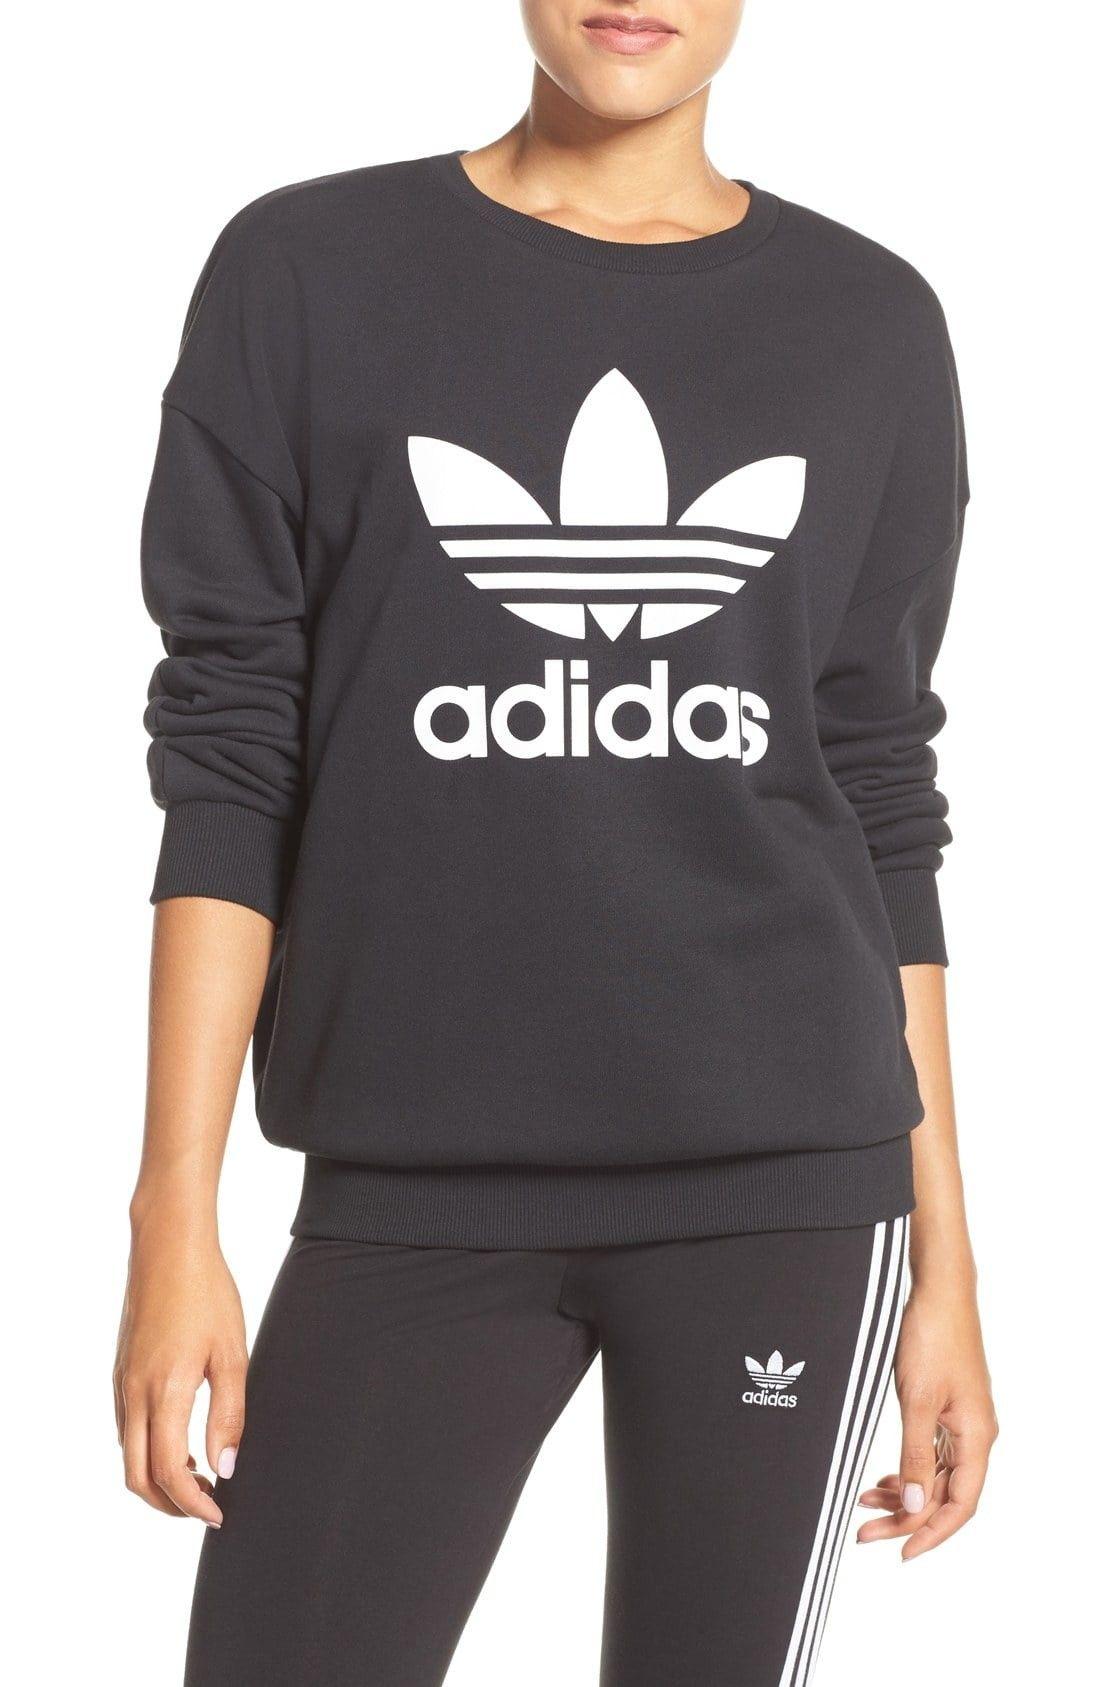 8 Women S Activewear Brands You Ll Love Petite In Paris Sweatshirts Crew Neck Sweatshirt Activewear Brands [ 1687 x 1100 Pixel ]